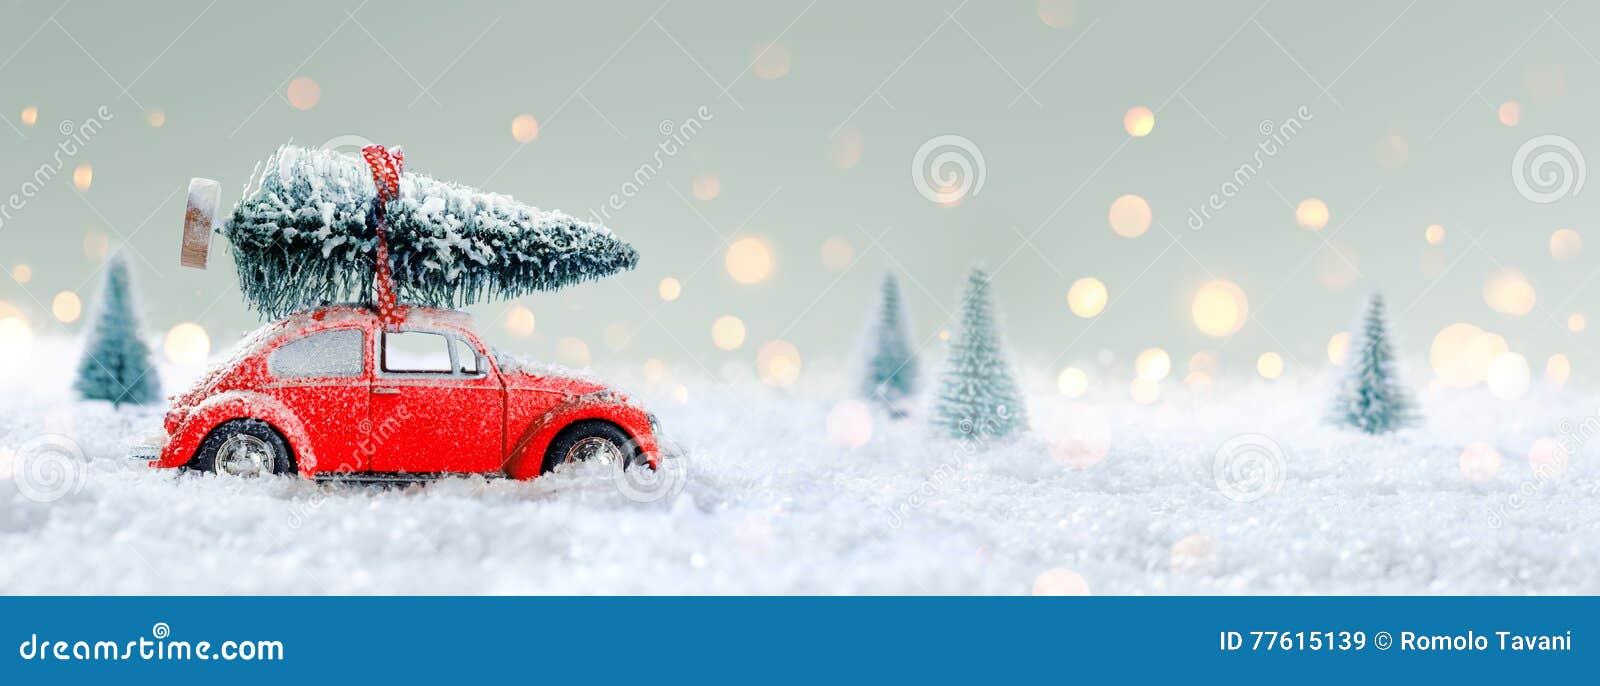 Rotes Auto, das einen Weihnachtsbaum transportiert